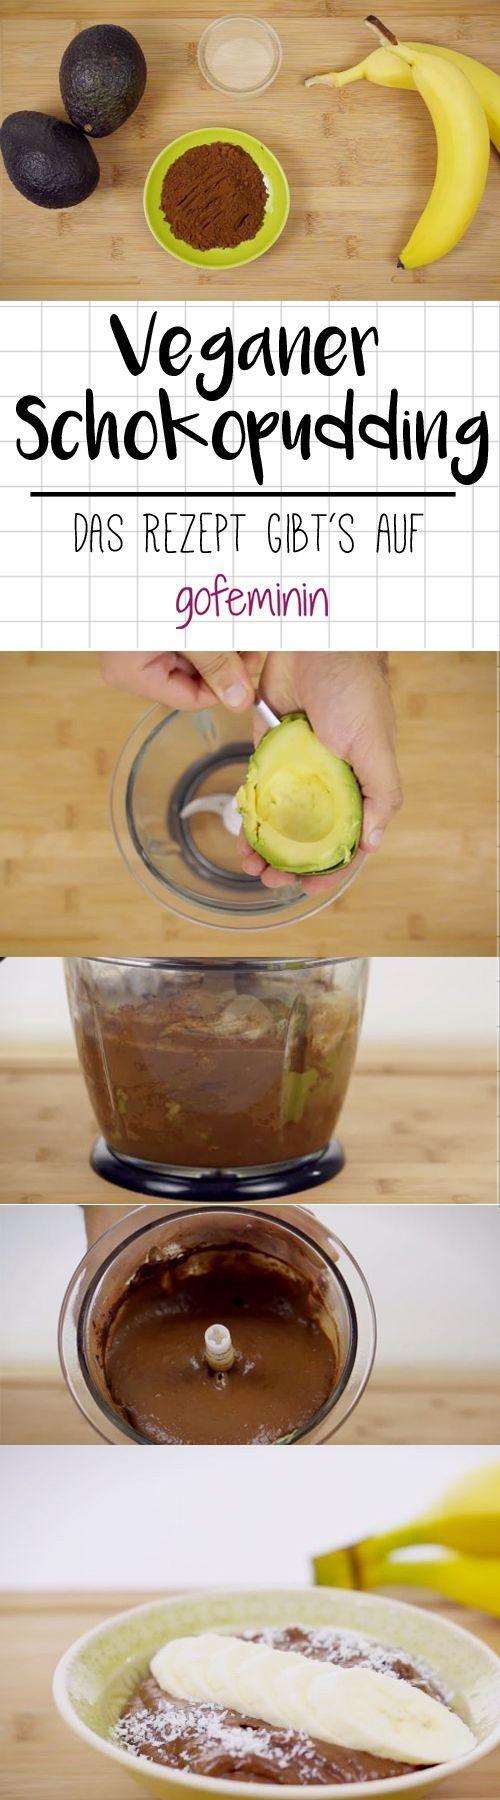 Wow! Schokopudding aus Avocado und Banane: Vegan, gesund und lecker!